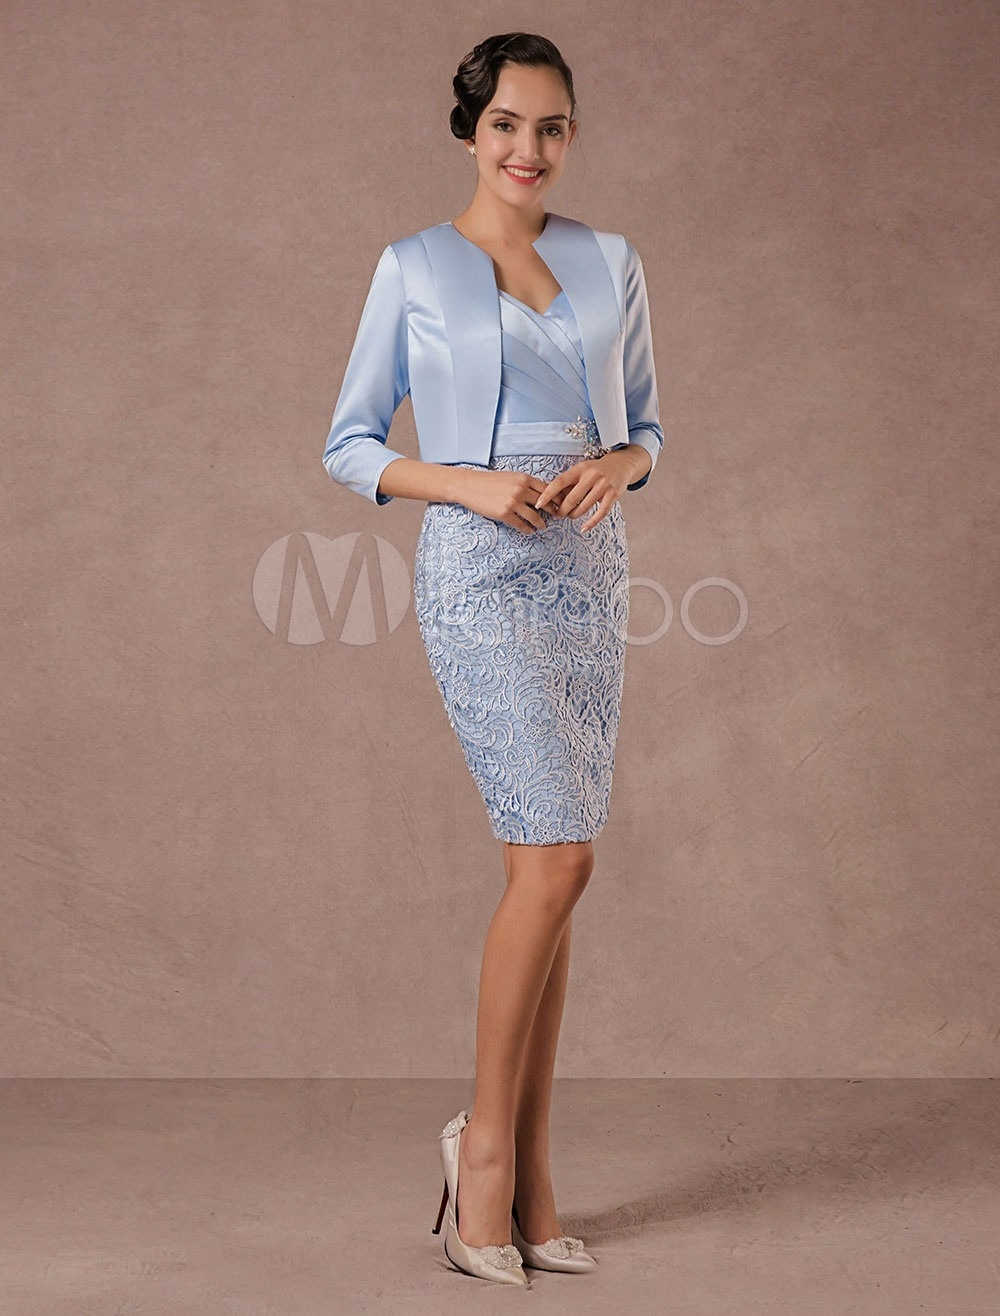 Abend Fantastisch Zweiteiliges Kleid Kurz Stylish Cool Zweiteiliges Kleid Kurz Ärmel